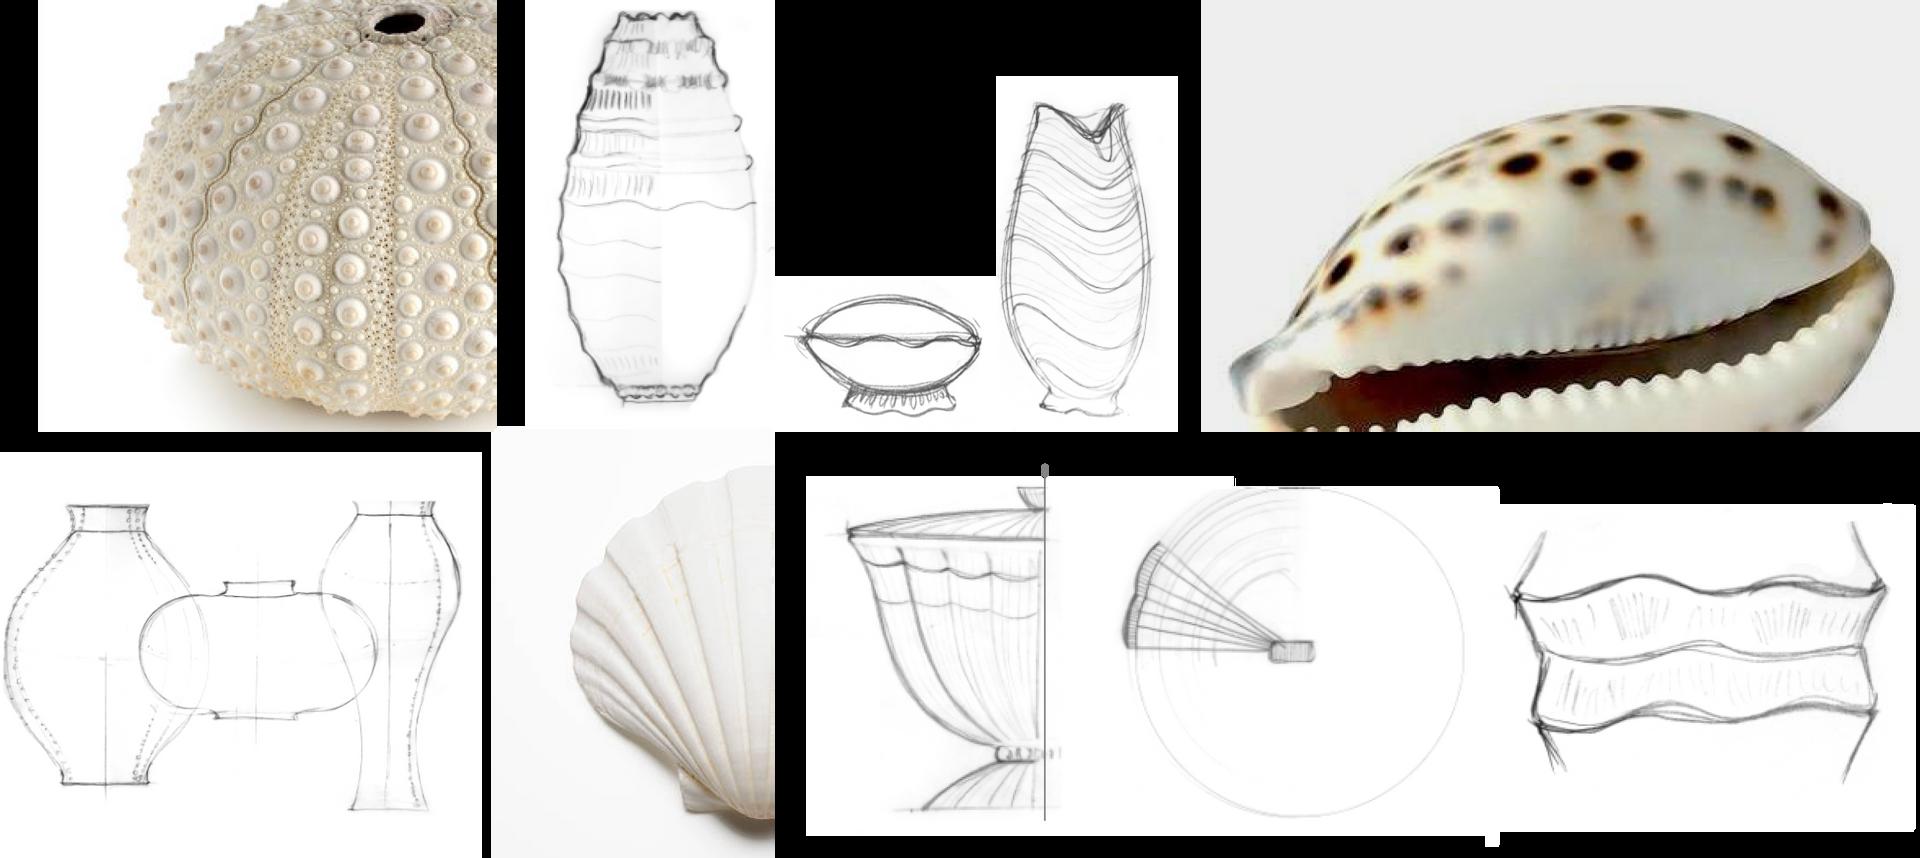 porcelain3.png